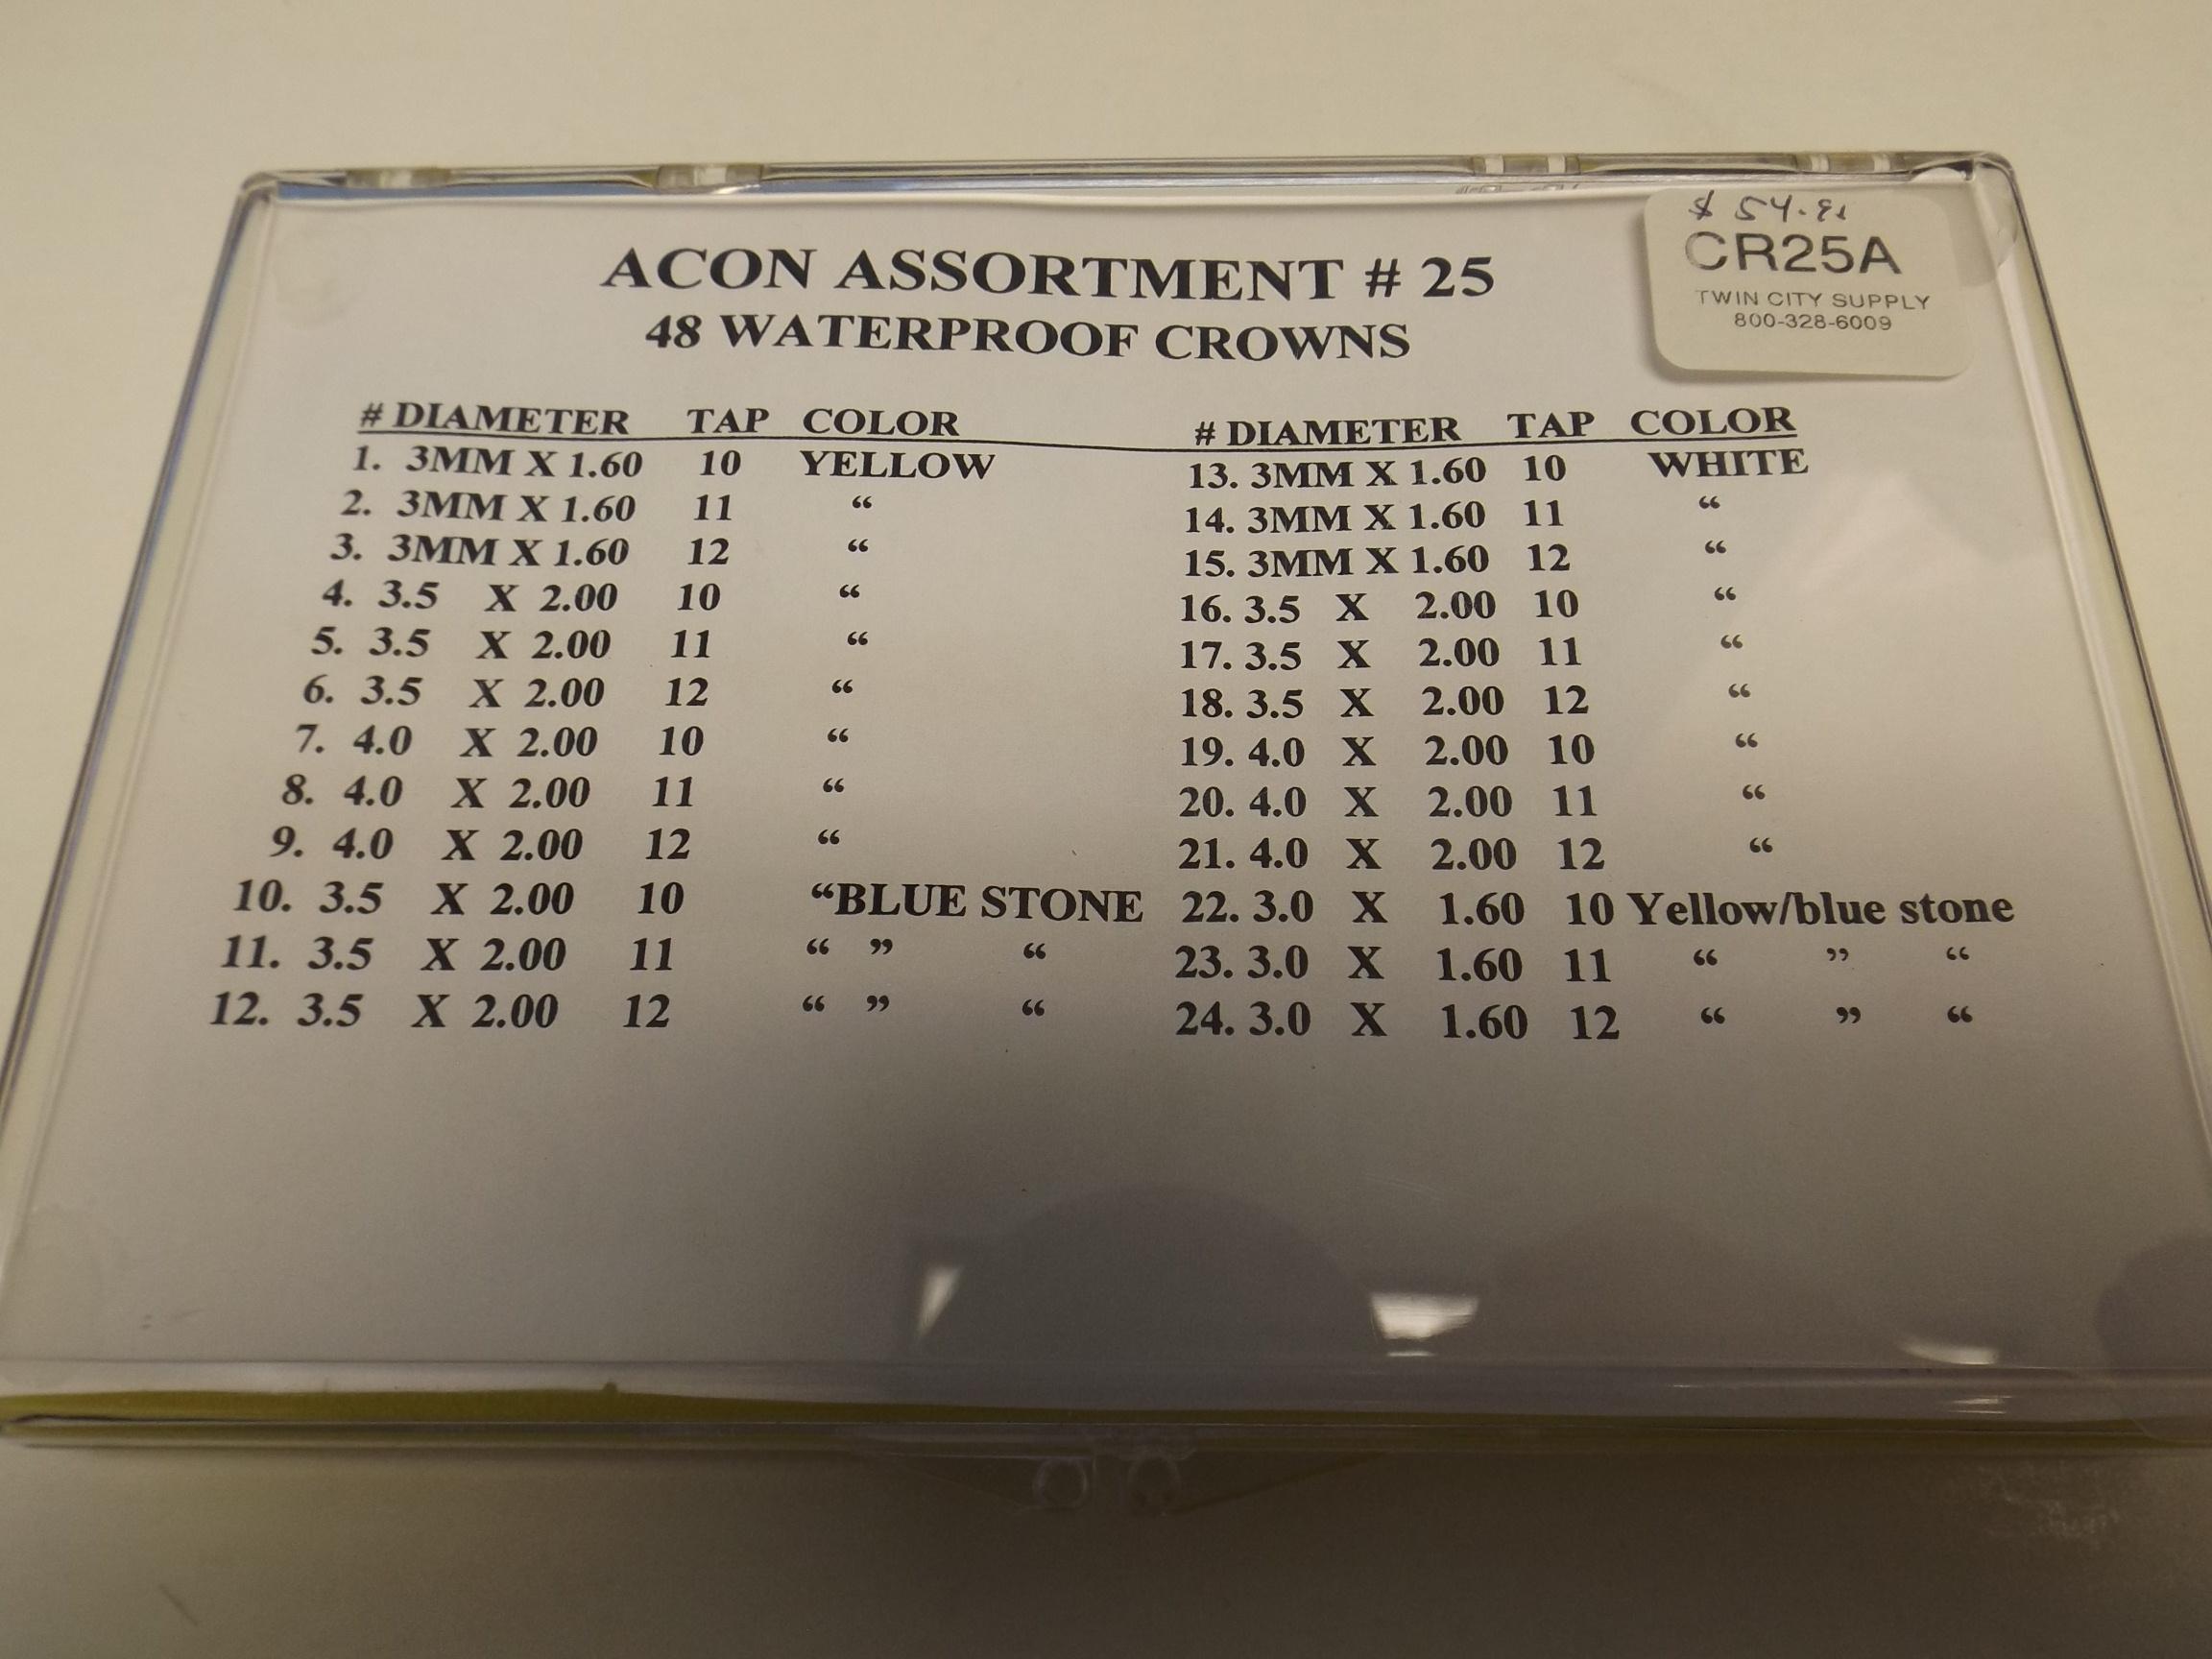 CR25A Waterproof Watch Crowns- 48 Piece Assortment-Acon